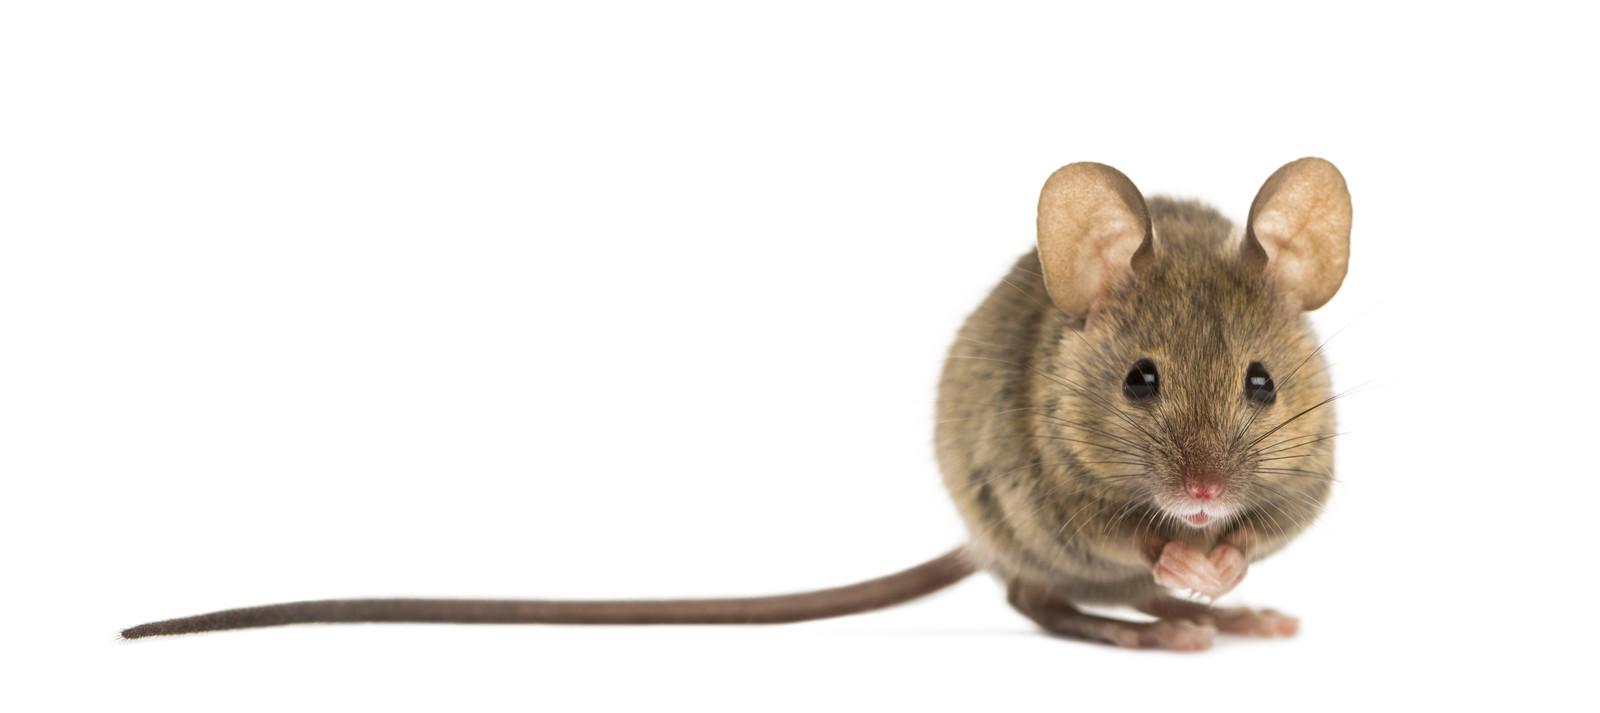 'De muis trippelde door de gang. Ik schreeuwde. De muis rende de keuken in en verdween.' Foto ter illustratie.